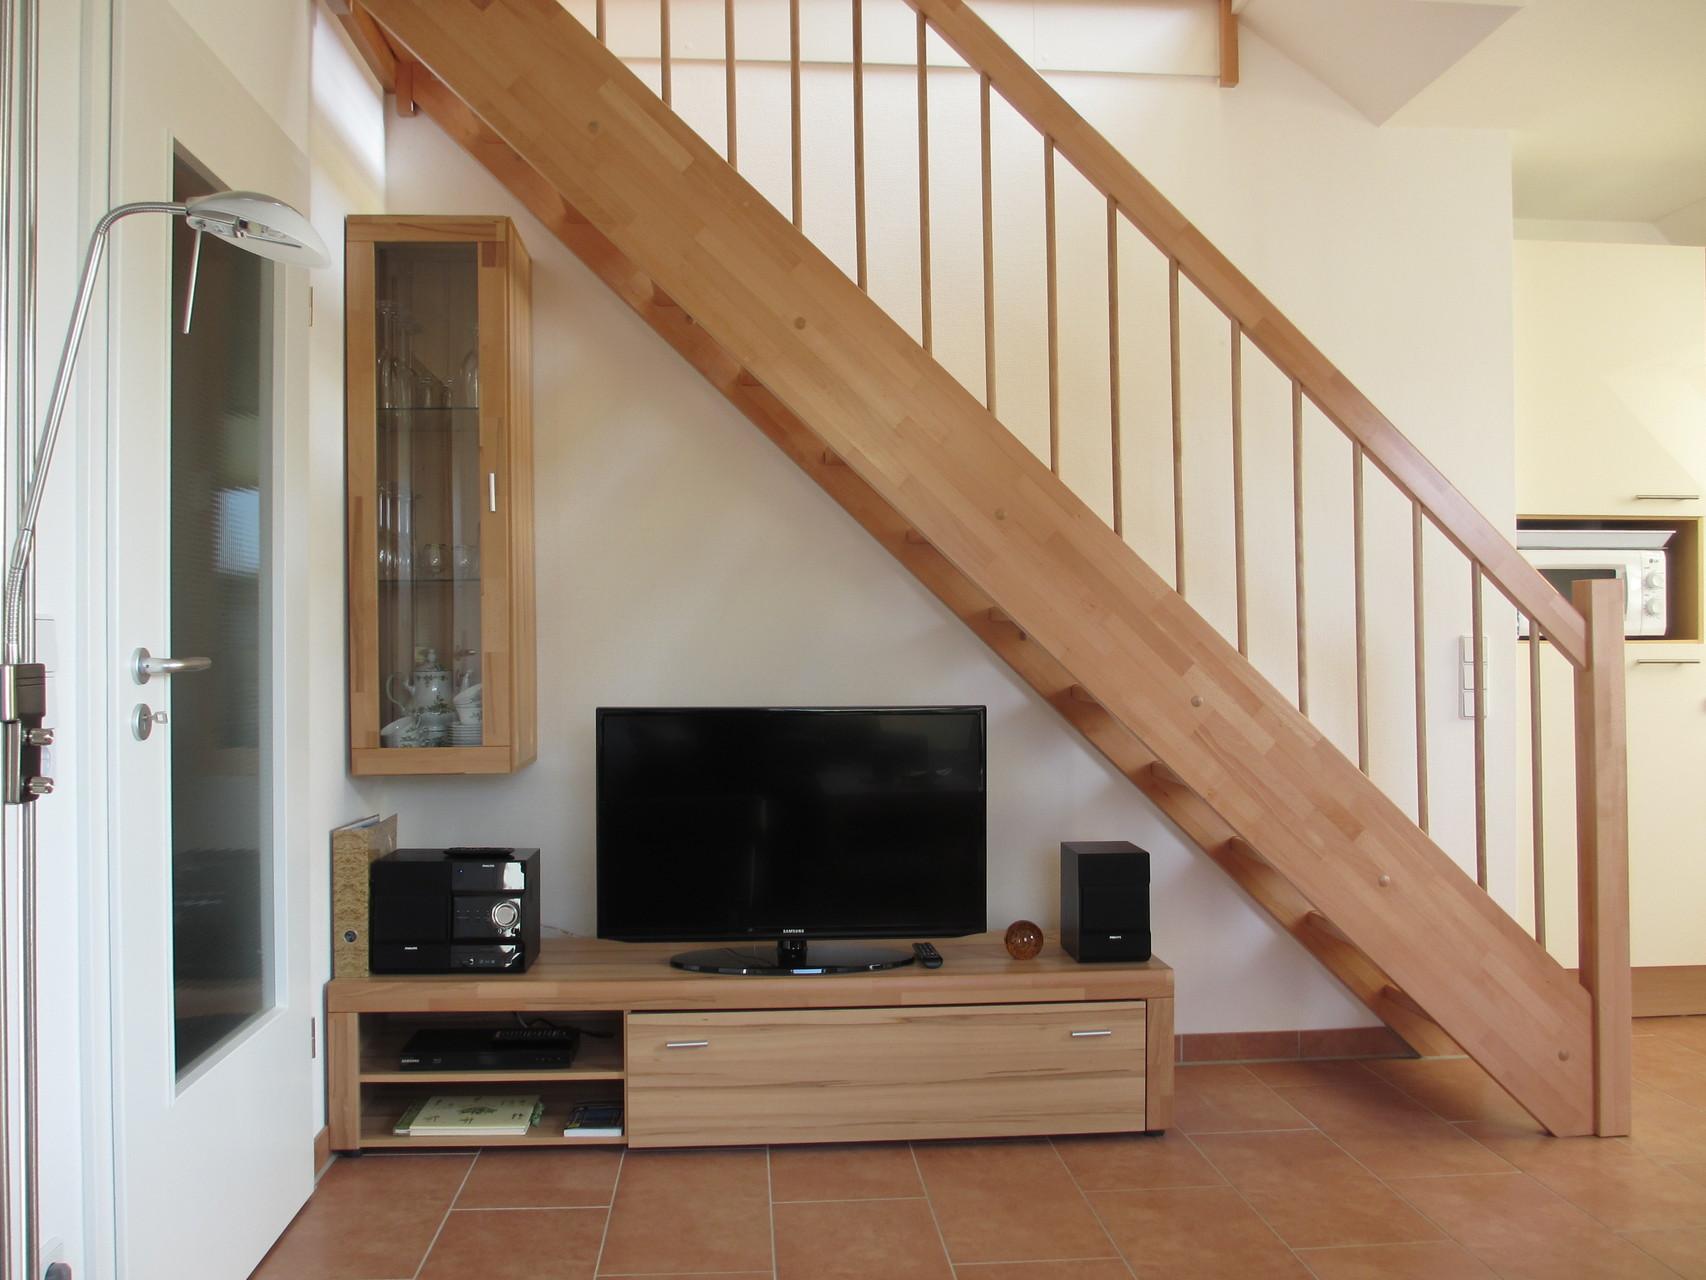 Wohnwand mit Fernseher, Stereoanlage und Treppe zur Galerie